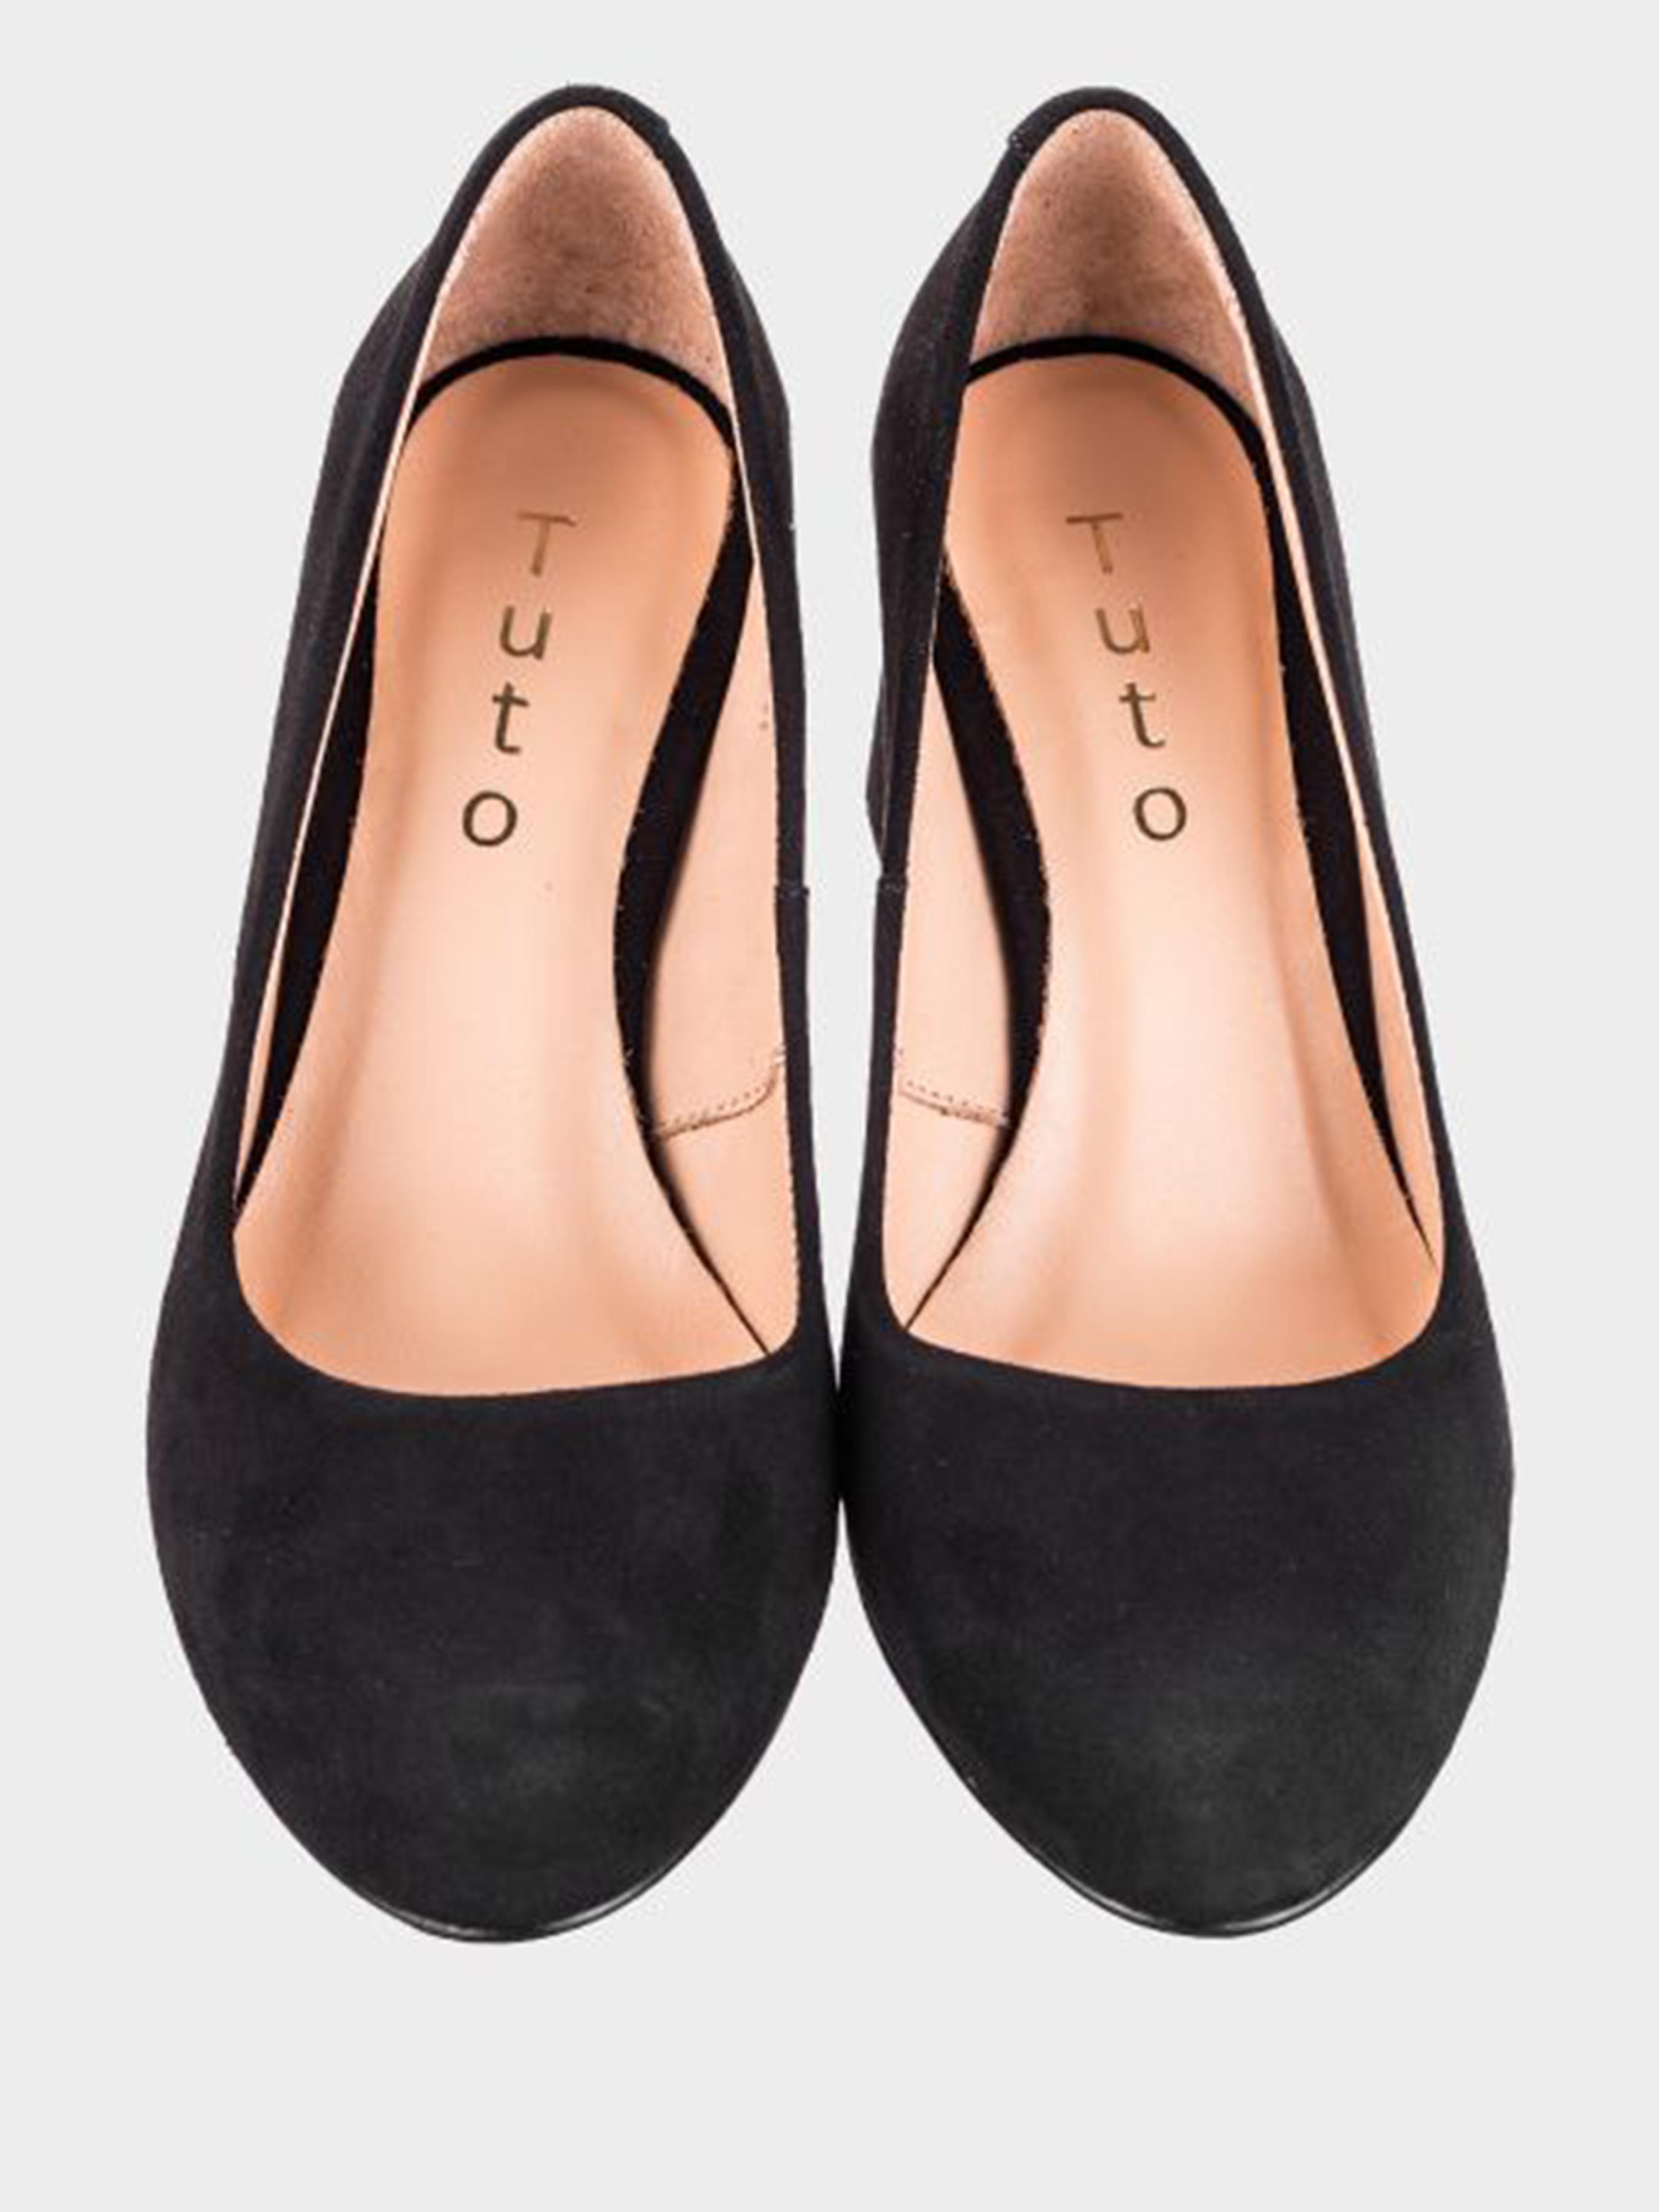 Туфли для женщин TUTO 6L33 купить онлайн, 2017